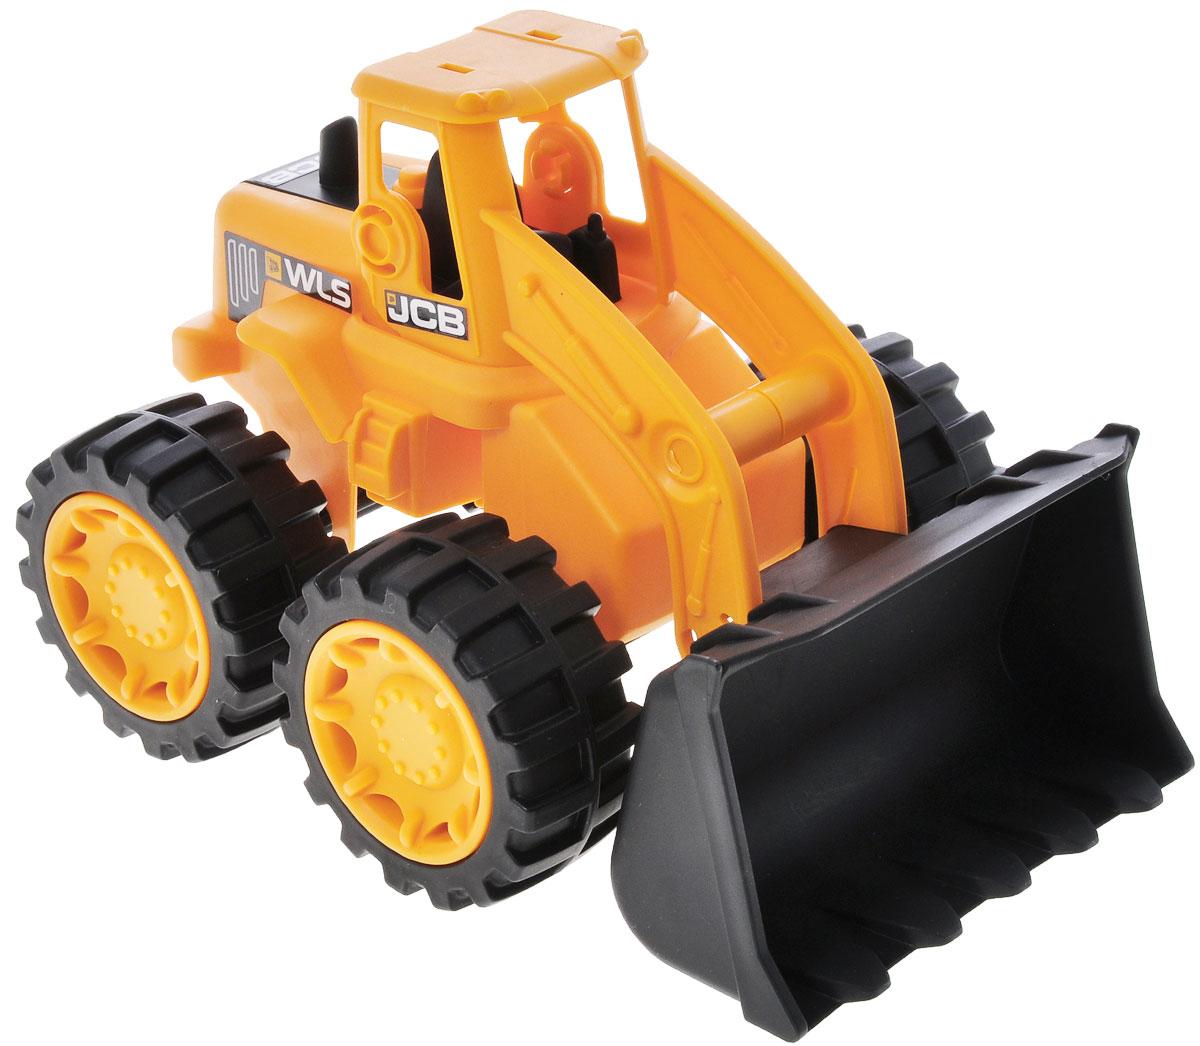 HTI Мини-бульдозер JCB1415639.V15Яркий мини-бульдозер JCB, изготовленный из прочного безопасного материала желтого и черного цветов, отлично подойдет ребенку для различных игр. Бульдозер - прекрасный помощник на строительной площадке. С его помощью ваш ребенок сможет строить и расчищать дороги. Вместительный ковш можно поднимать и опускать. Большие колеса с крупным протектором обеспечивают бульдозеру устойчивость и хорошую проходимость. Ваш юный строитель сможет прекрасно провести время дома или на улице, воспроизводя свою стройку.